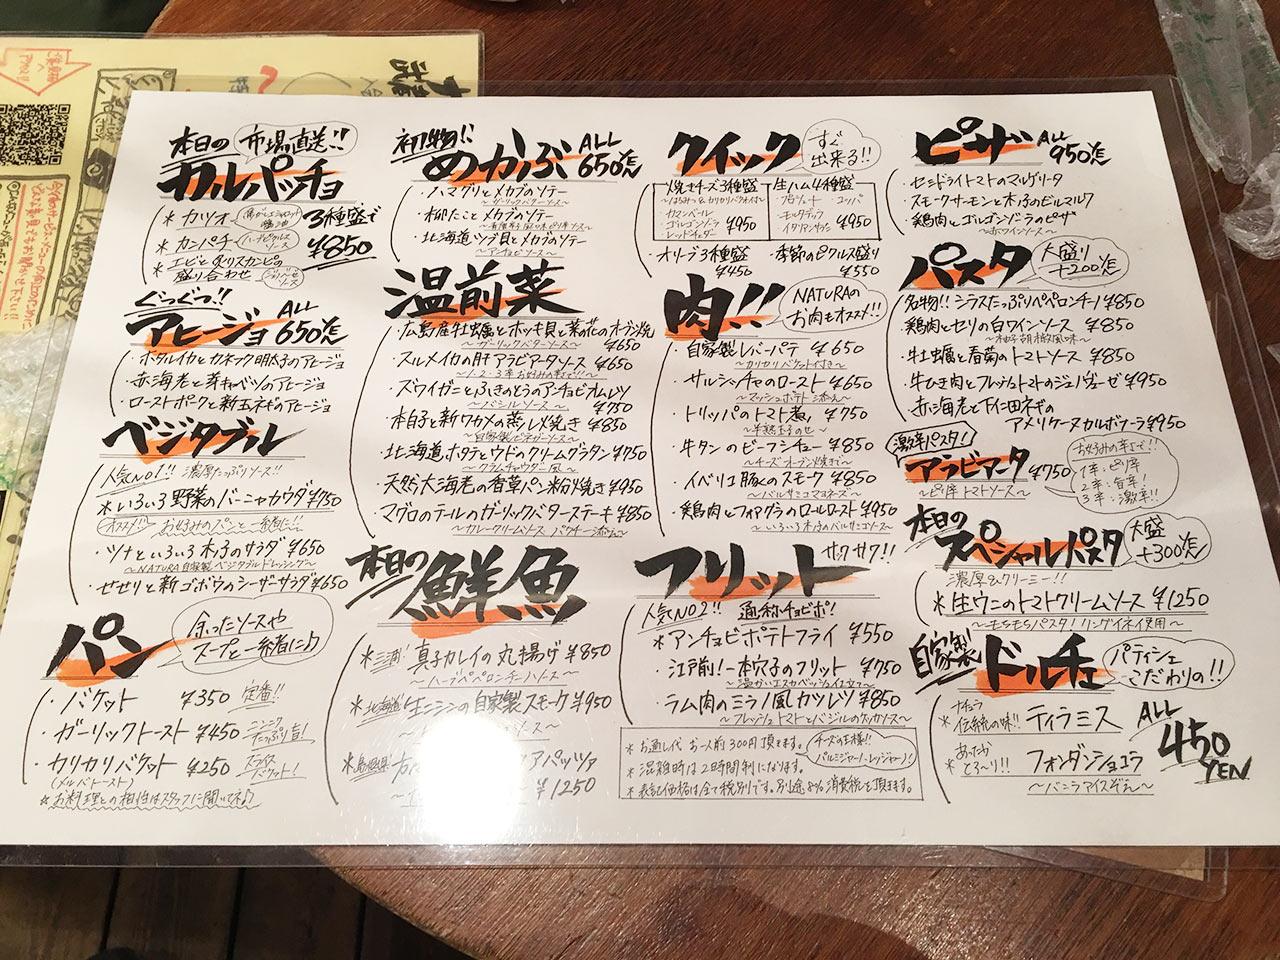 武蔵小杉のイタリアン酒場NATURAのメニュー